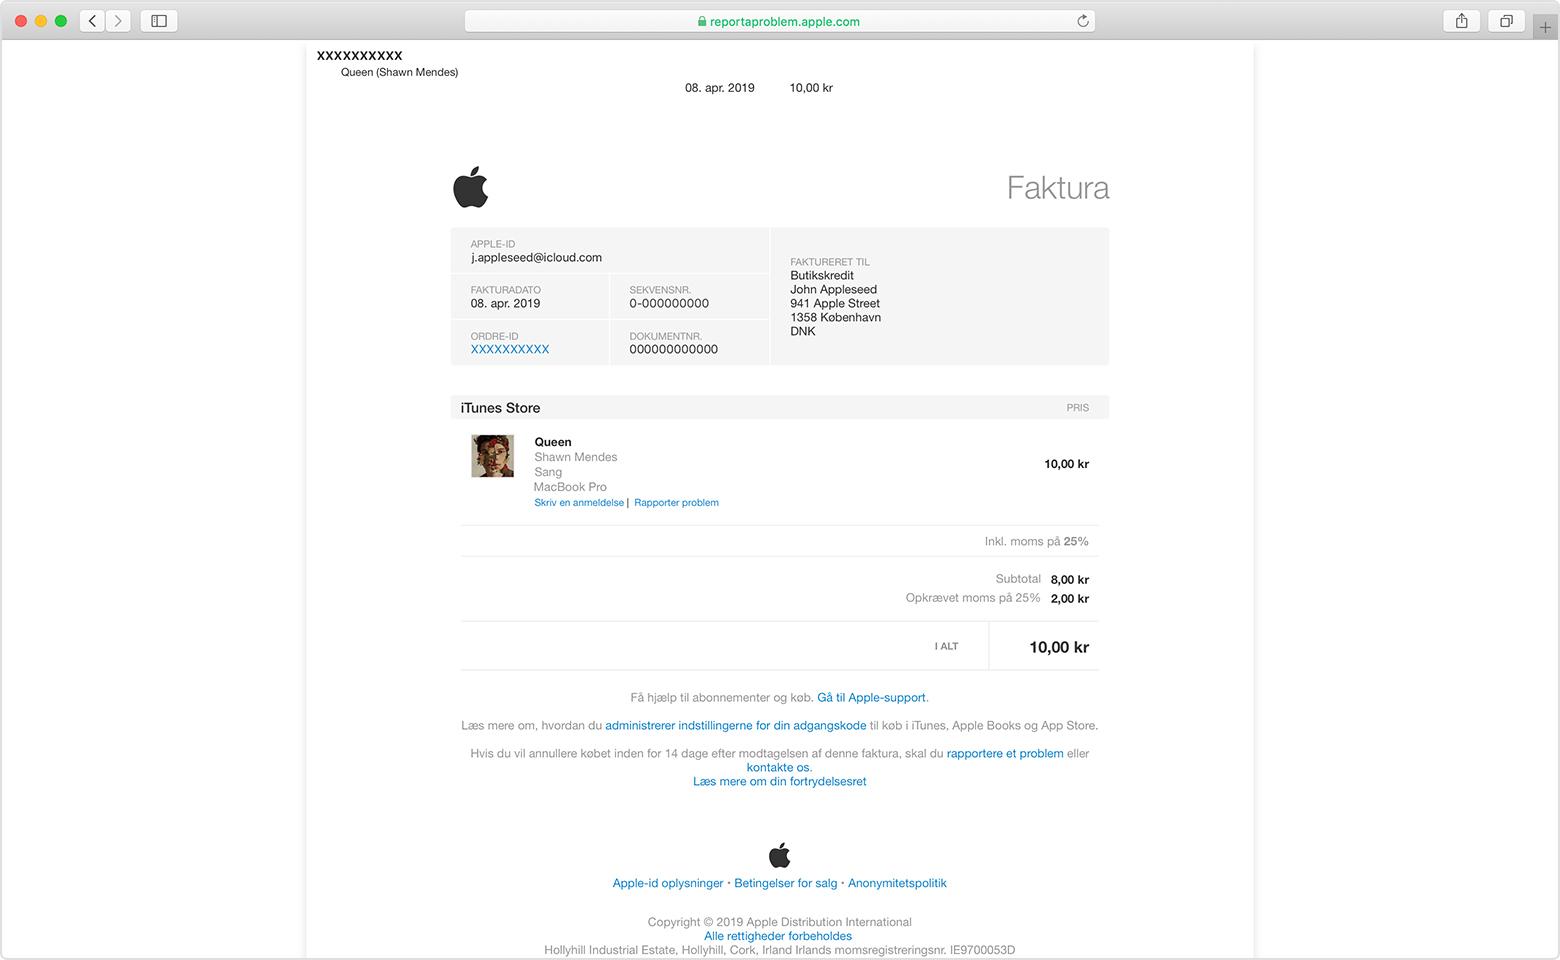 8213b4e17c4 Et åbent Safari-vindue på reportaproblem.apple.com med visning af et  eksempel